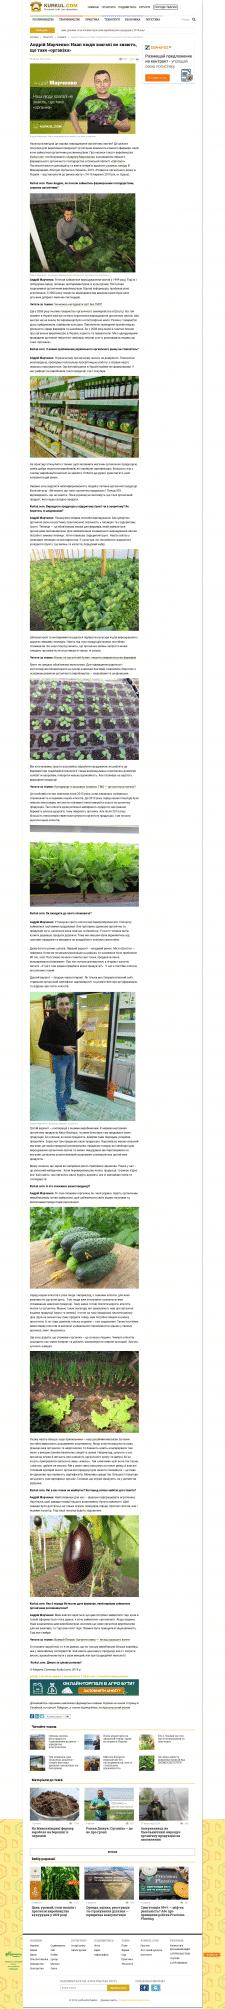 Андрій Марченко: інтерв'ю про органічні овочі